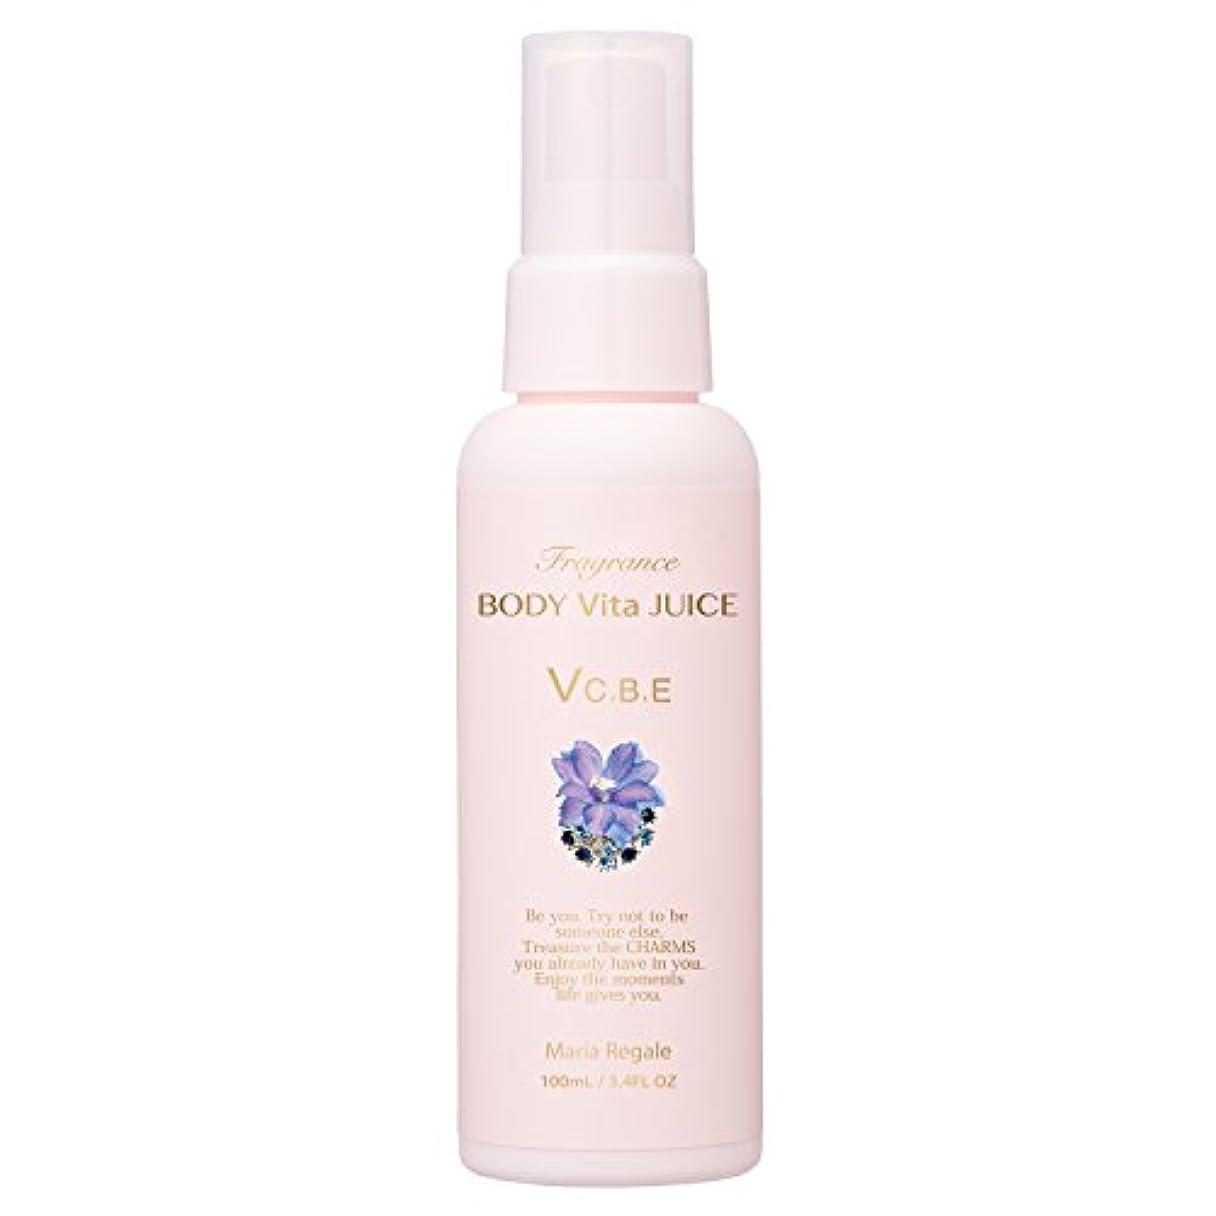 広告する納得させる美的FERNANDA(フェルナンダ) Body Vita Juice Maria Regale(ボディビタジュース マリアリゲル)